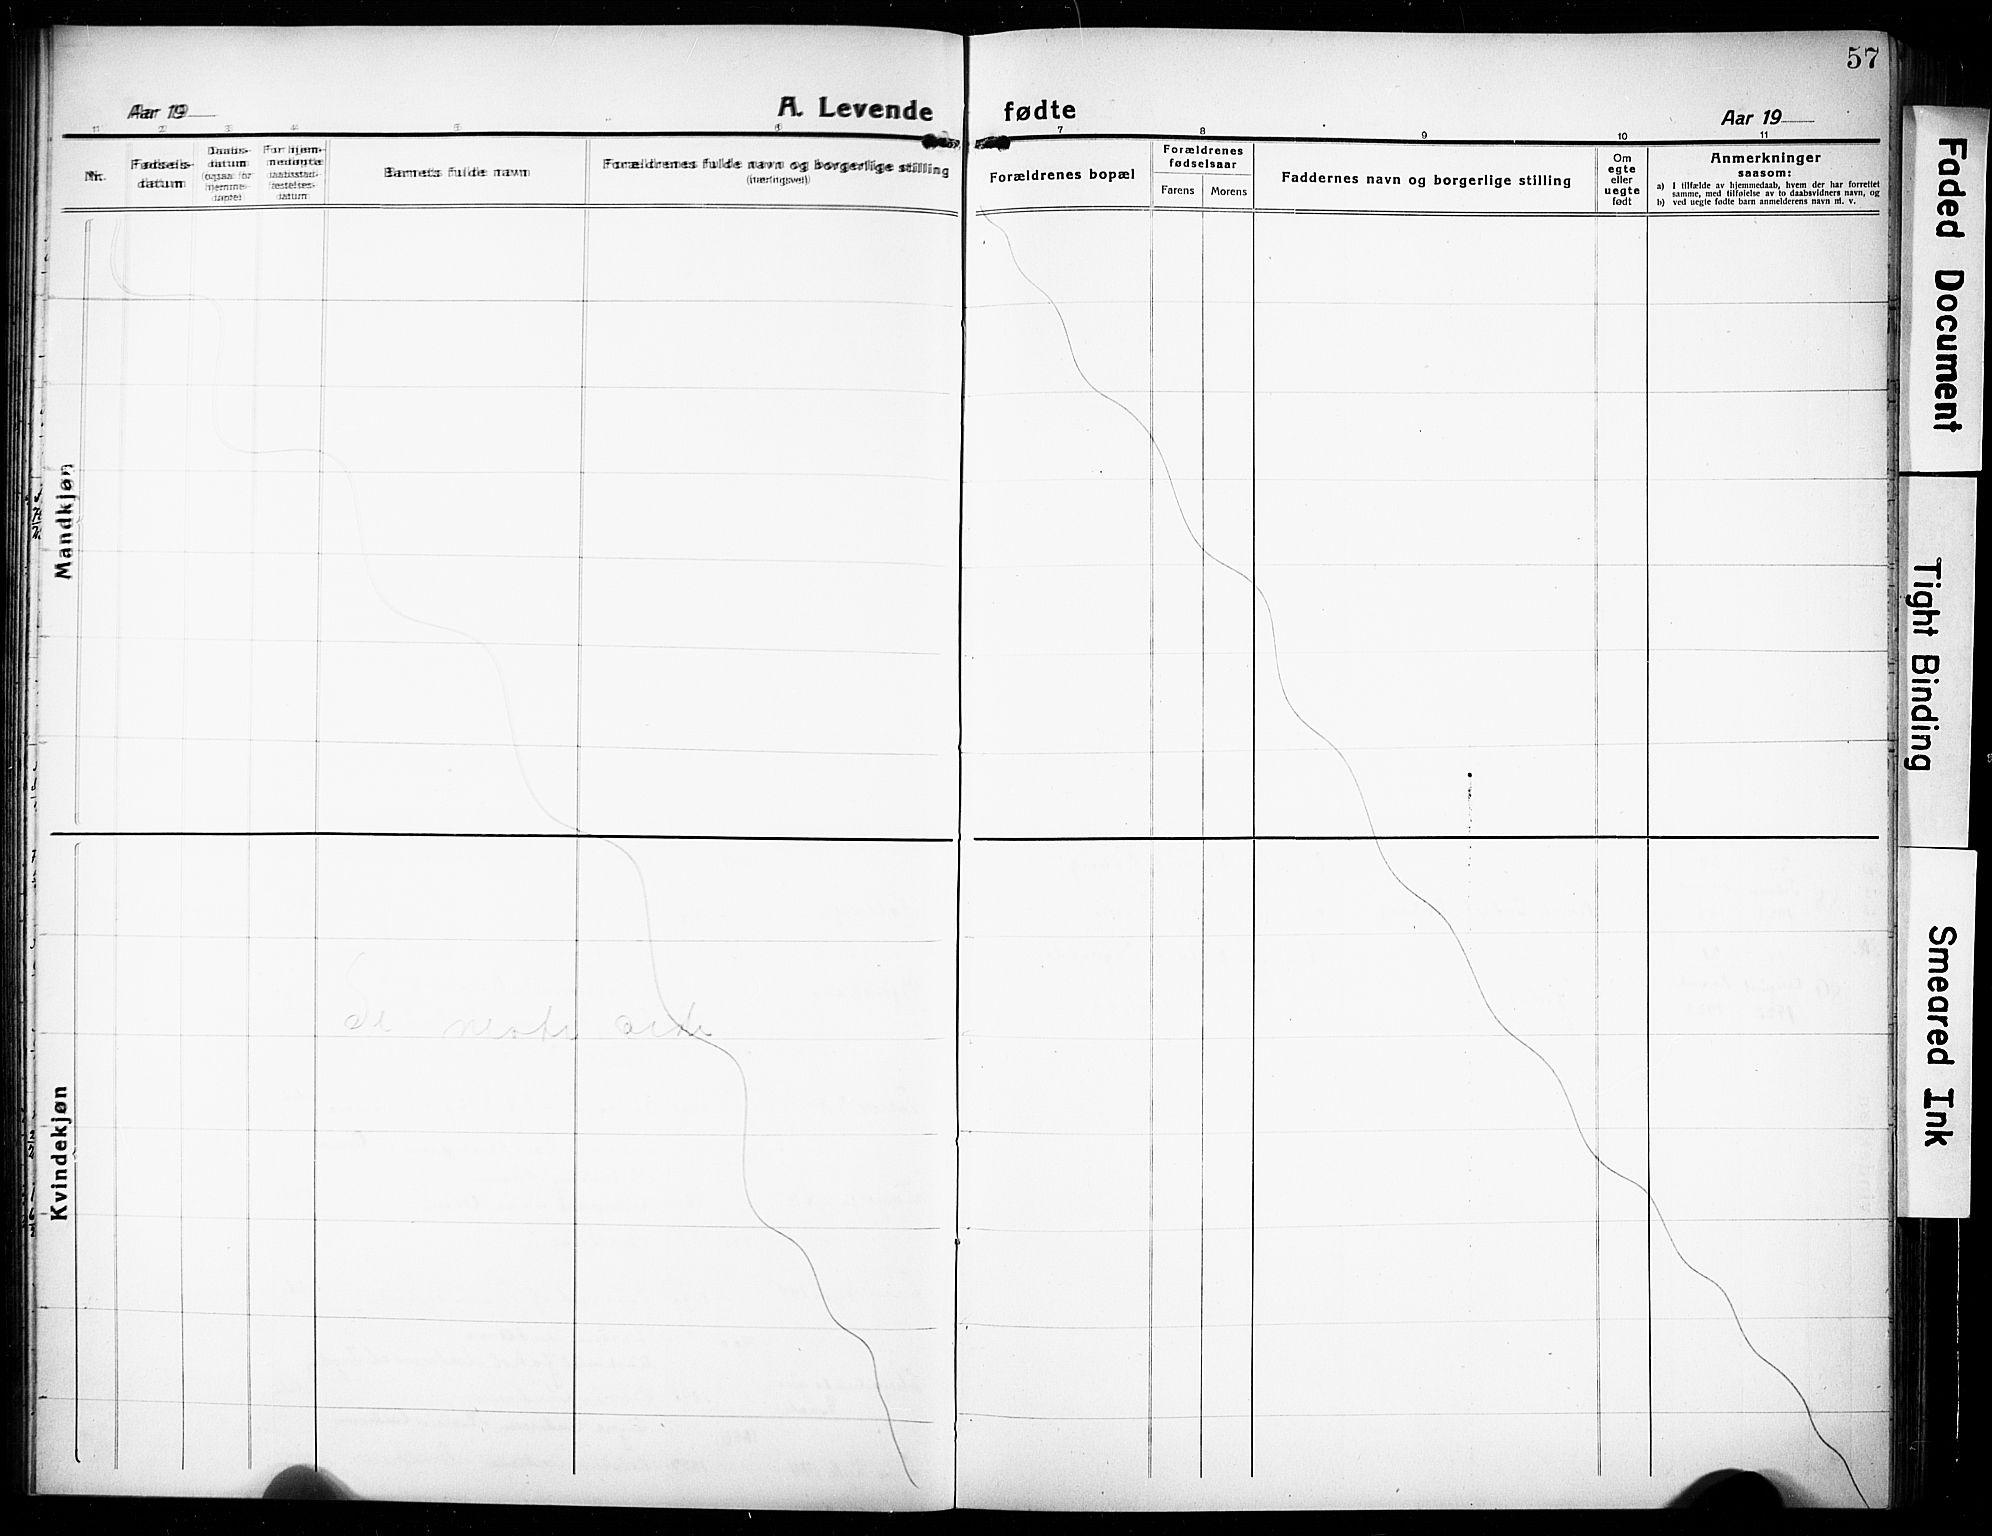 SAKO, Rjukan kirkebøker, G/Ga/L0003: Klokkerbok nr. 3, 1920-1928, s. 57